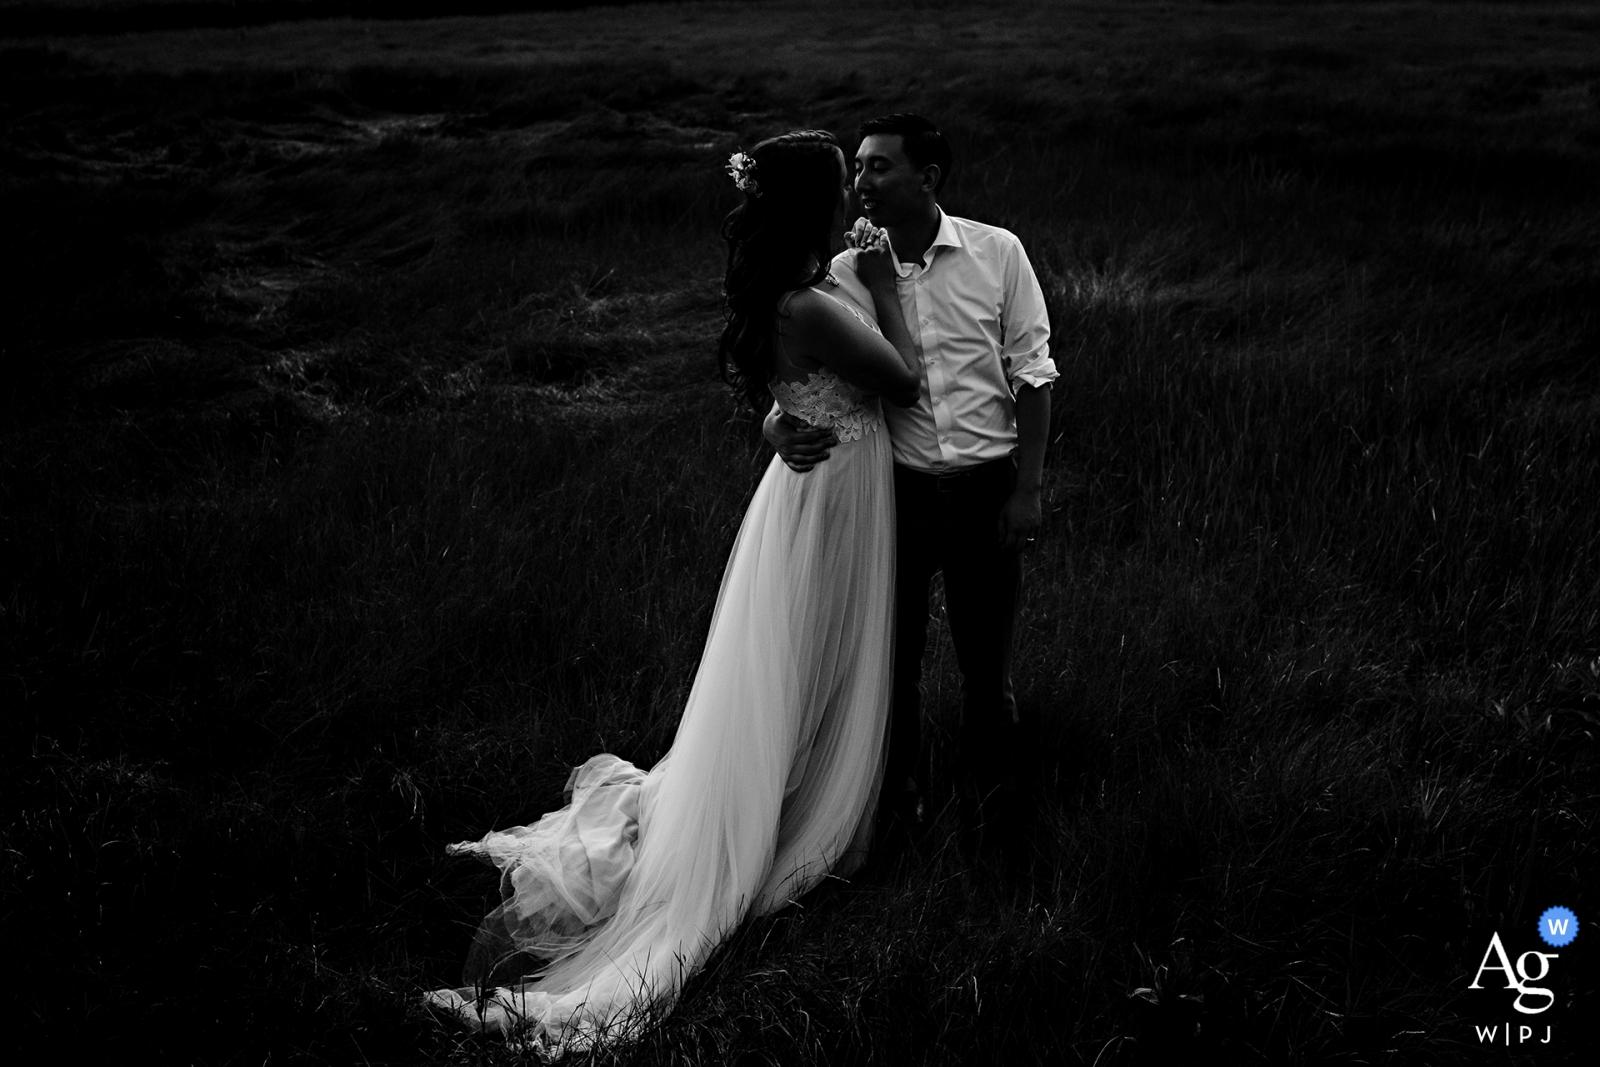 Dockside Guest Quarters in York Maine Hochzeitsfotografie - Die Braut und der Bräutigam im hohen Seegras bei Ebbe am Abend ihrer Hochzeit da